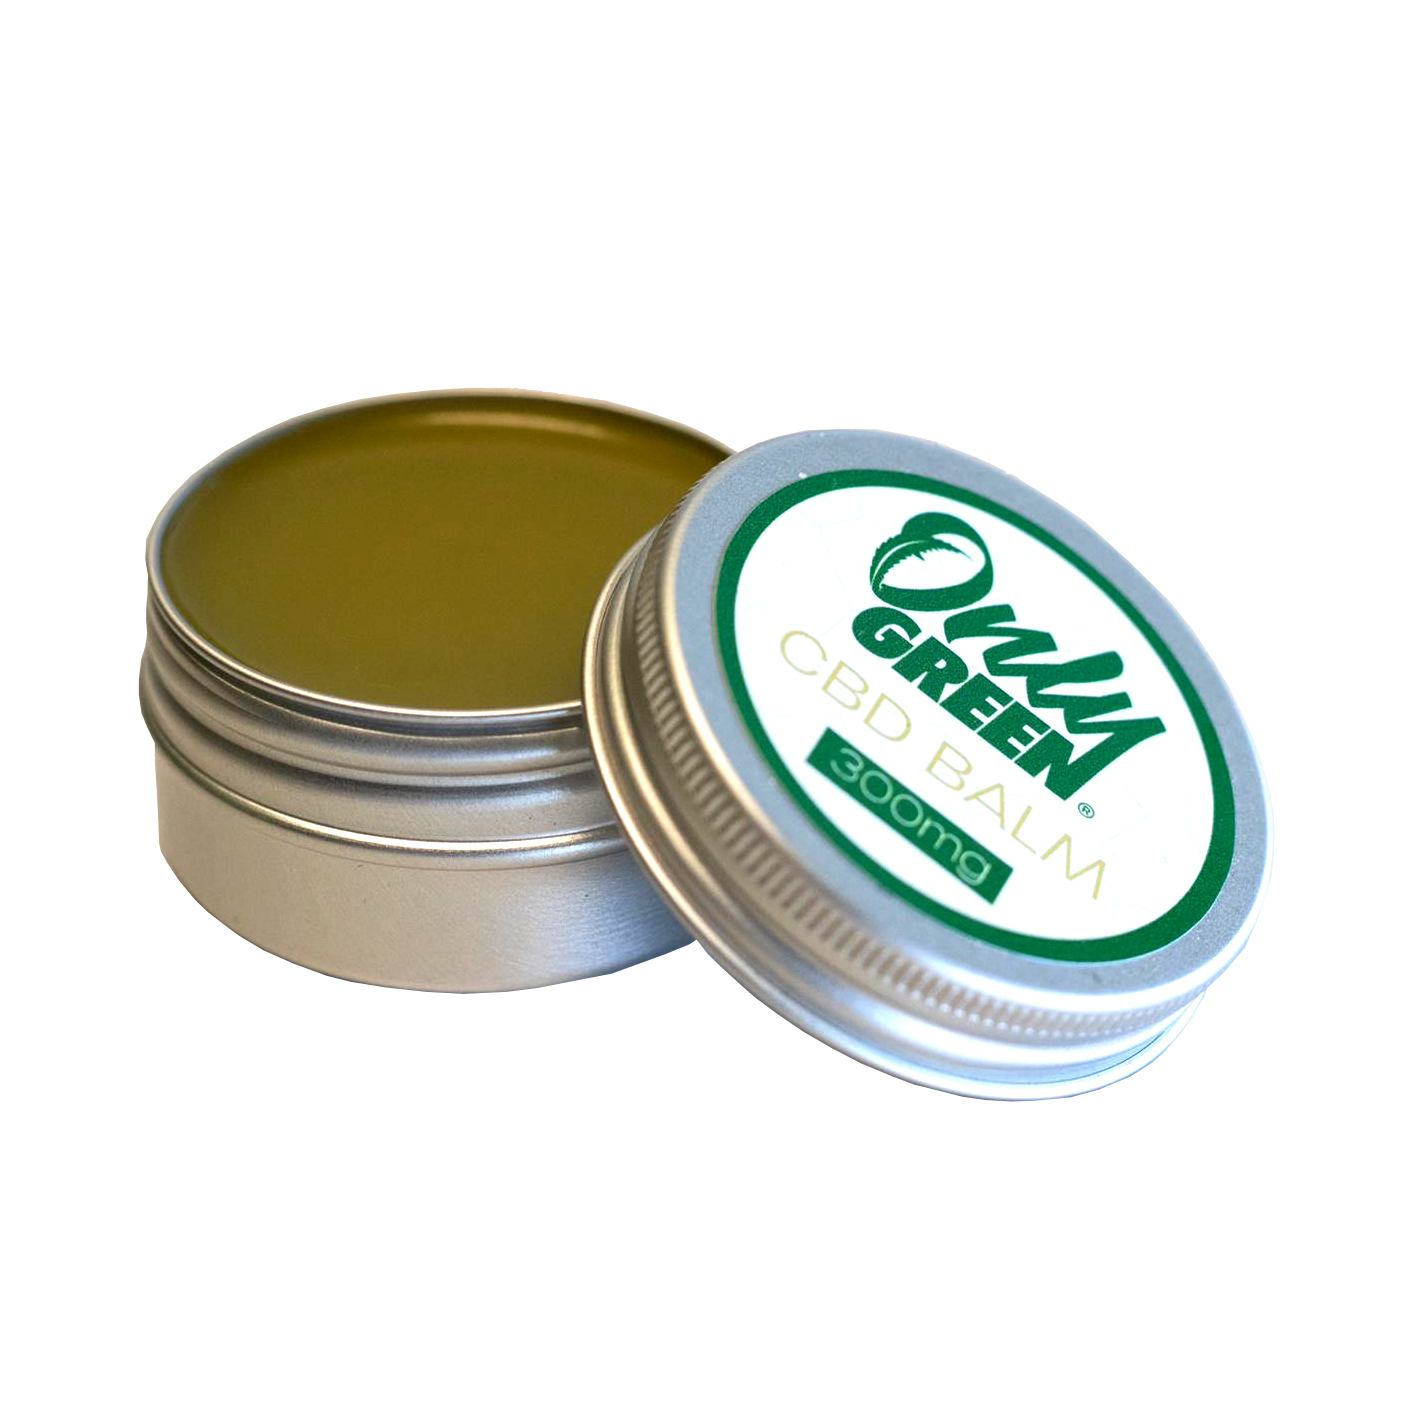 Only Green 300mg CBD Balm Tub